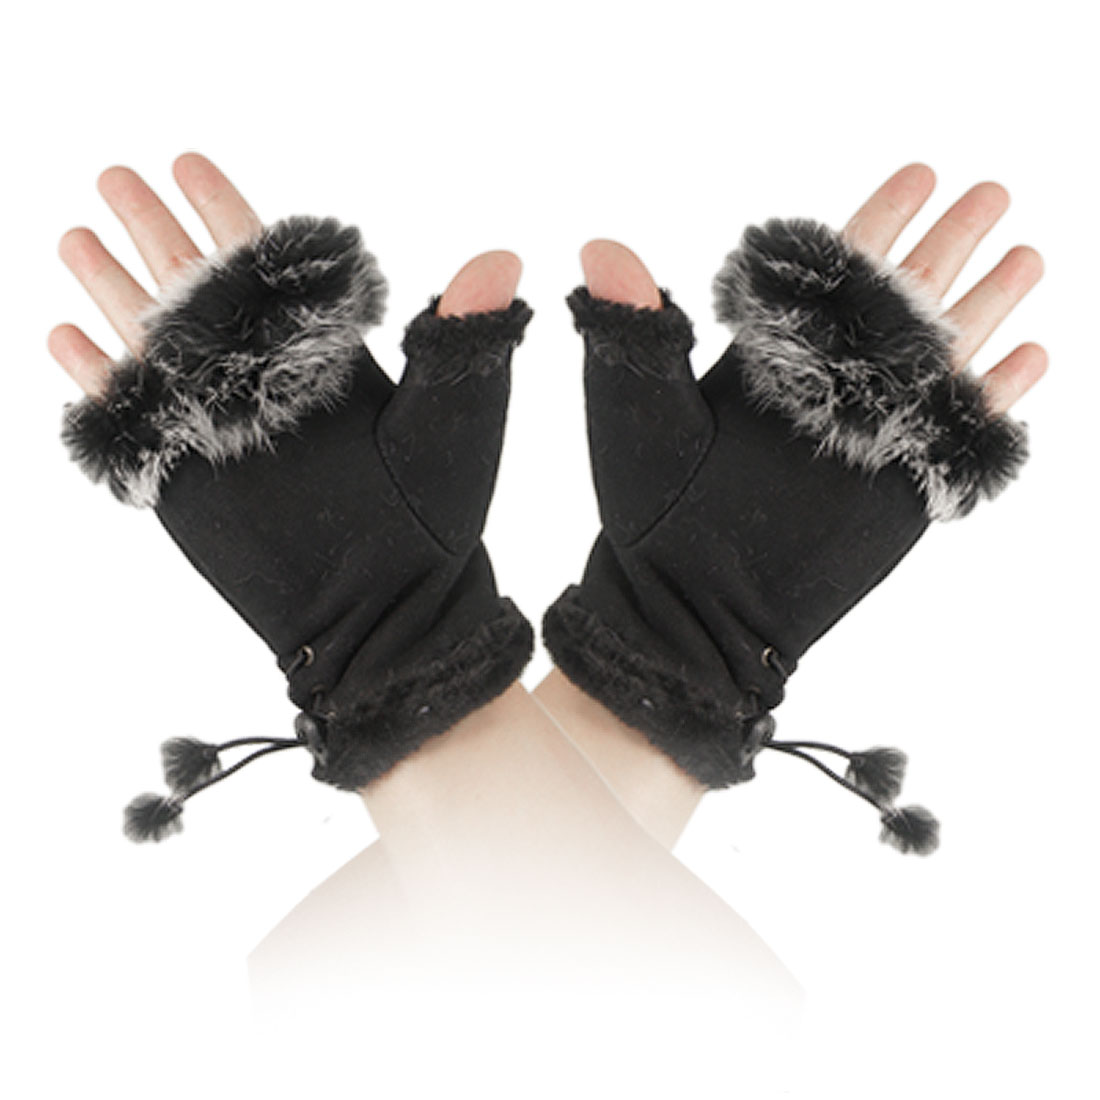 Women Girls Winter Faux Fur Hand Wrist Warmer Fingerless Gloves Pair